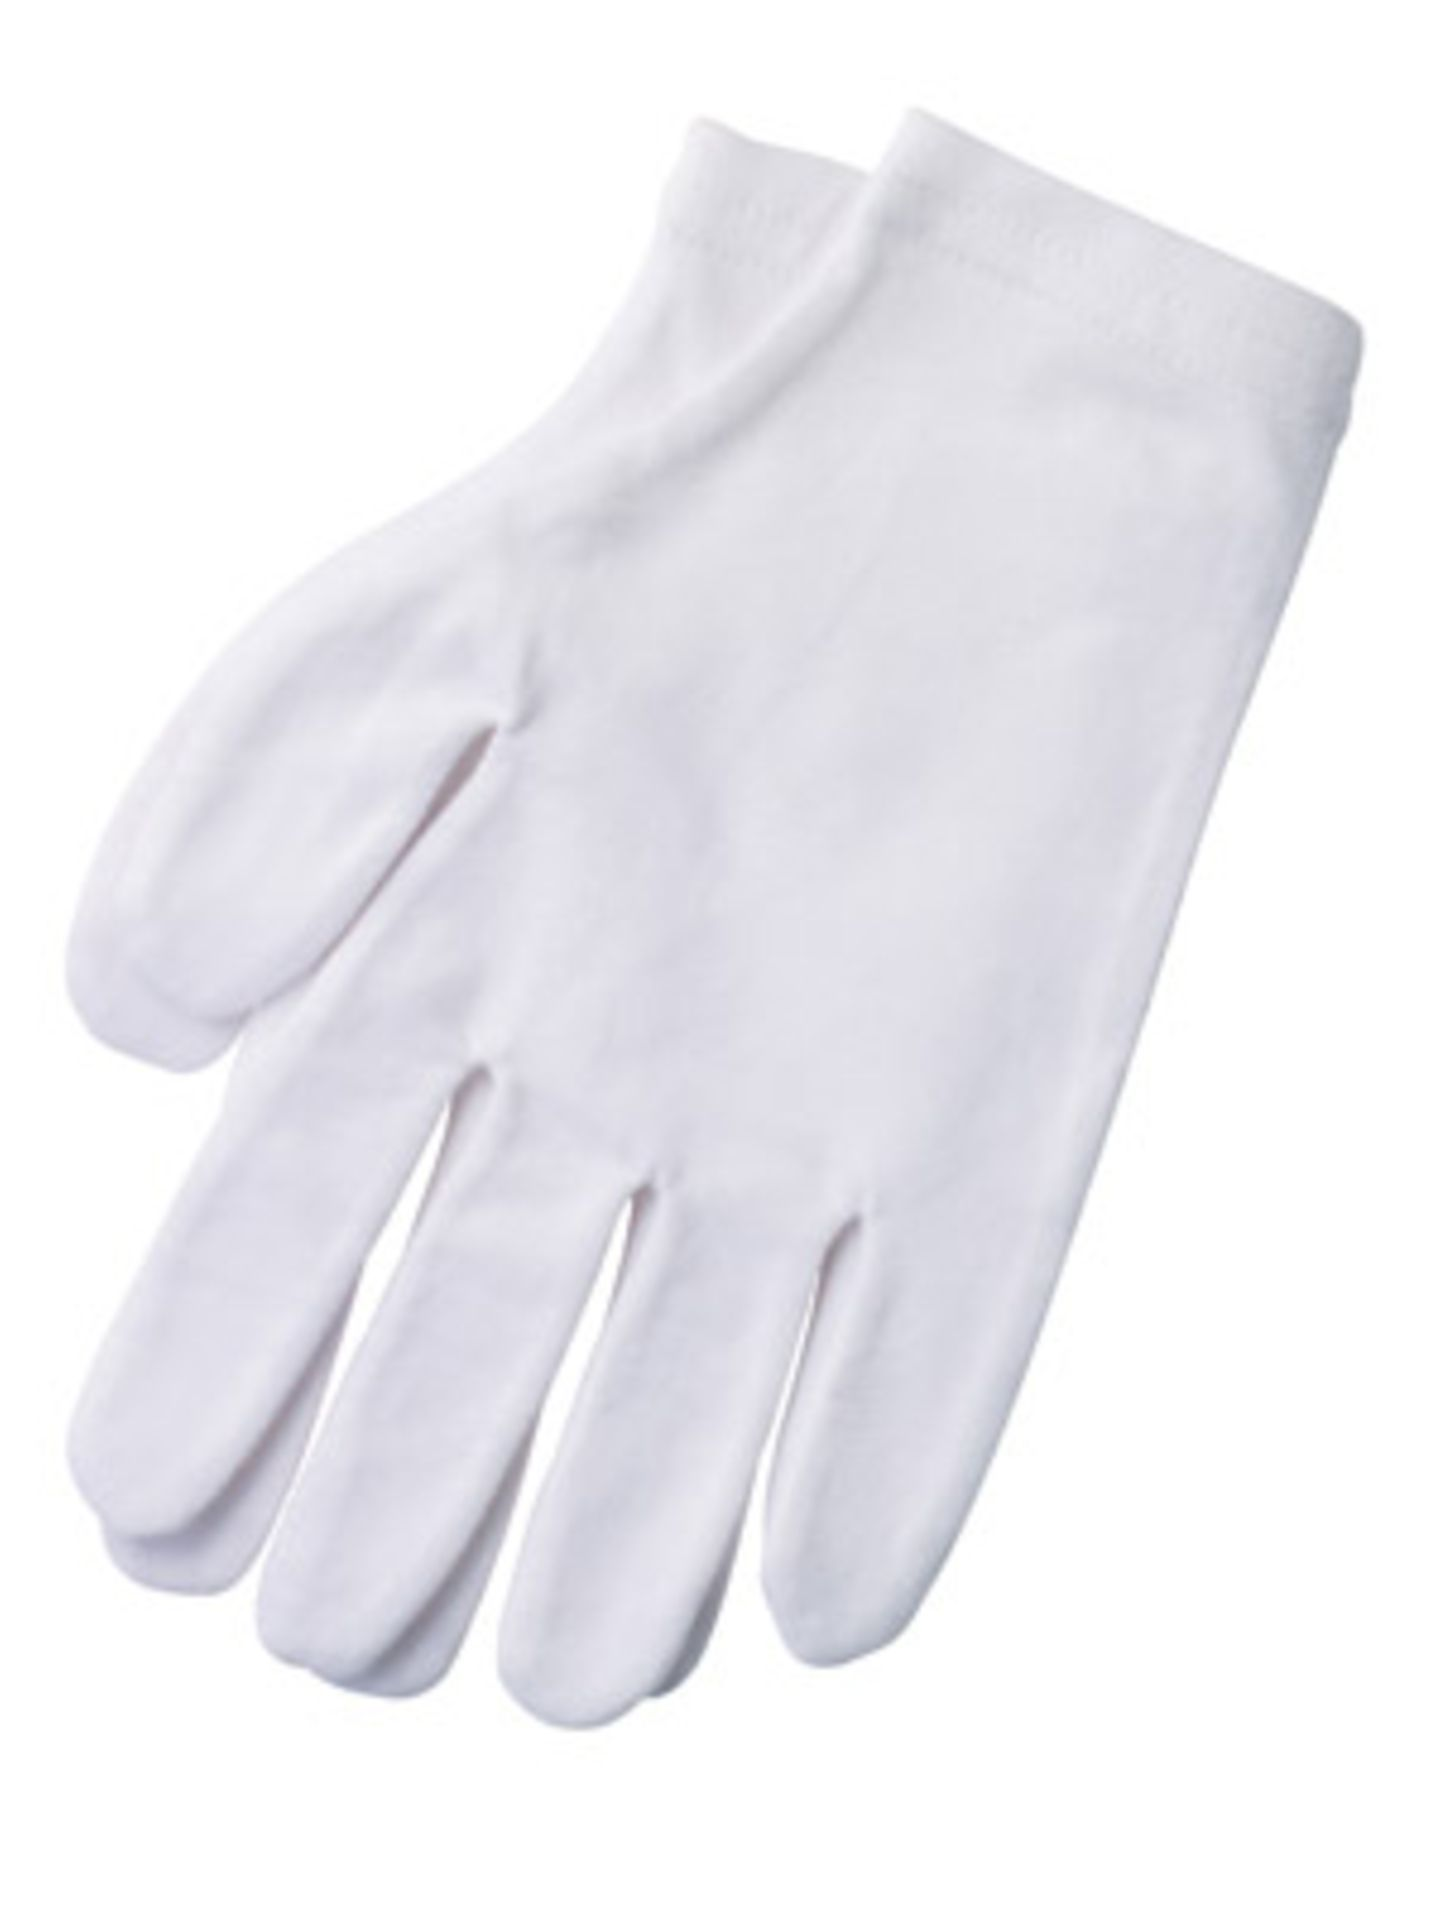 Handschuhe von The Body Shop, ca. 9 Euro.